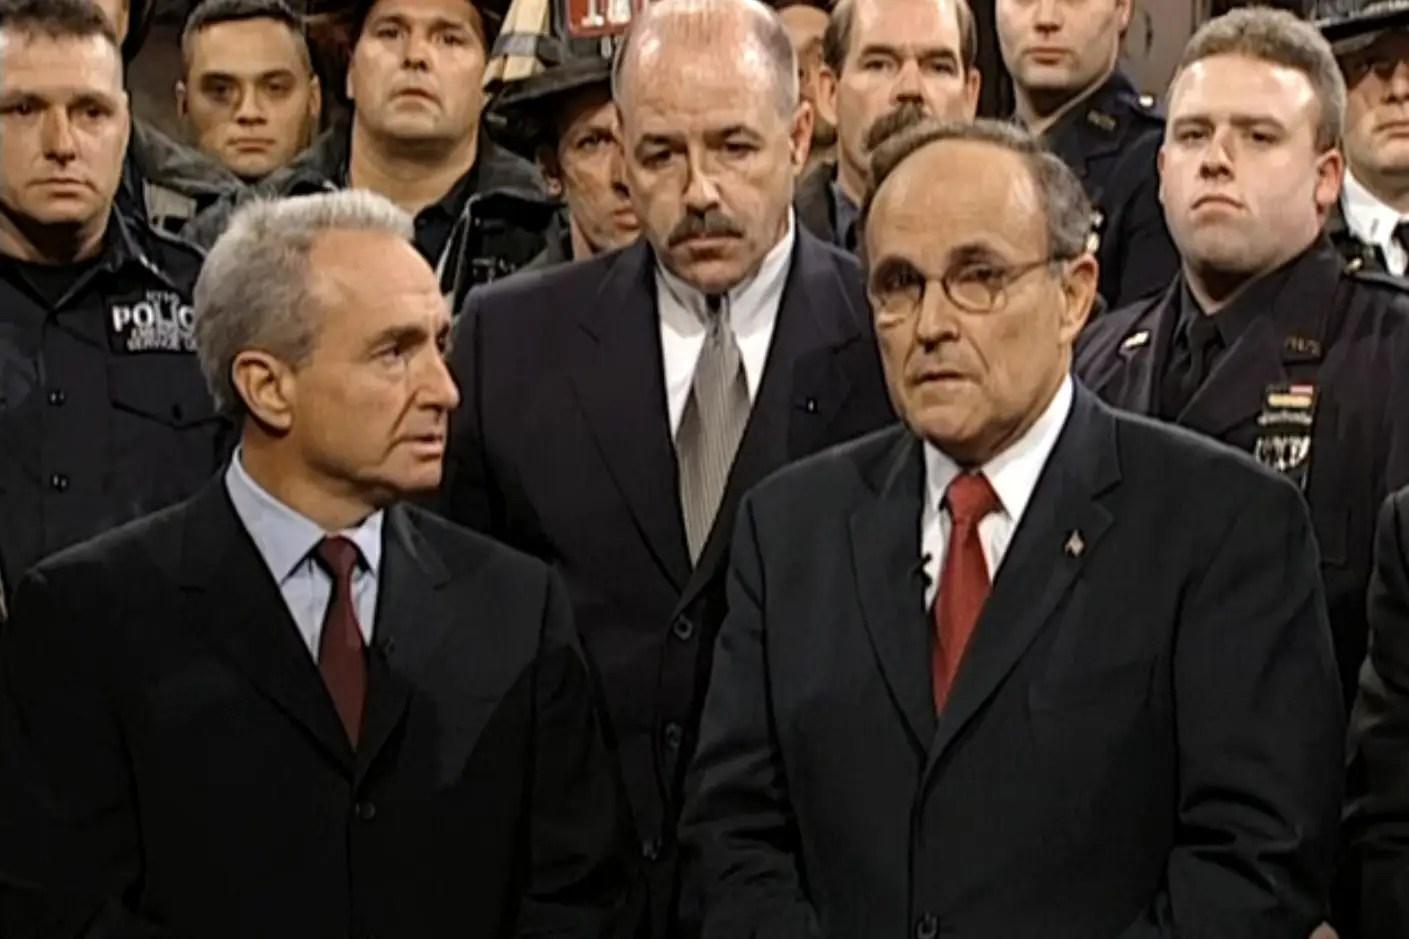 Image result for snl after 9-11